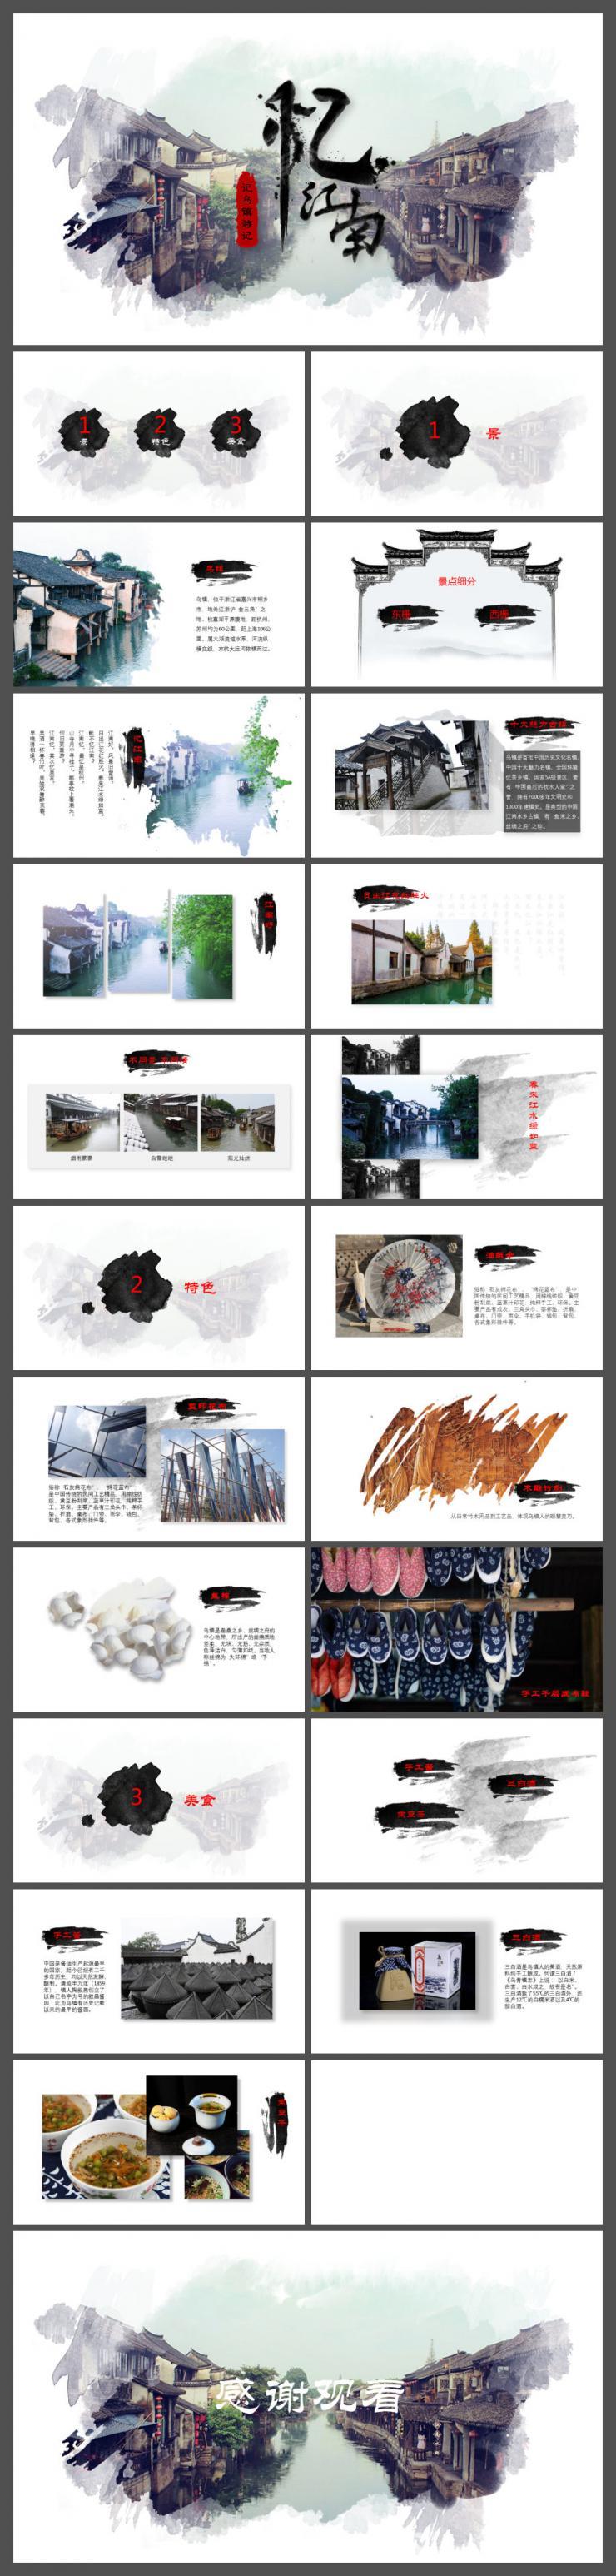 中国风最美古镇乌镇旅游相册PPT模板